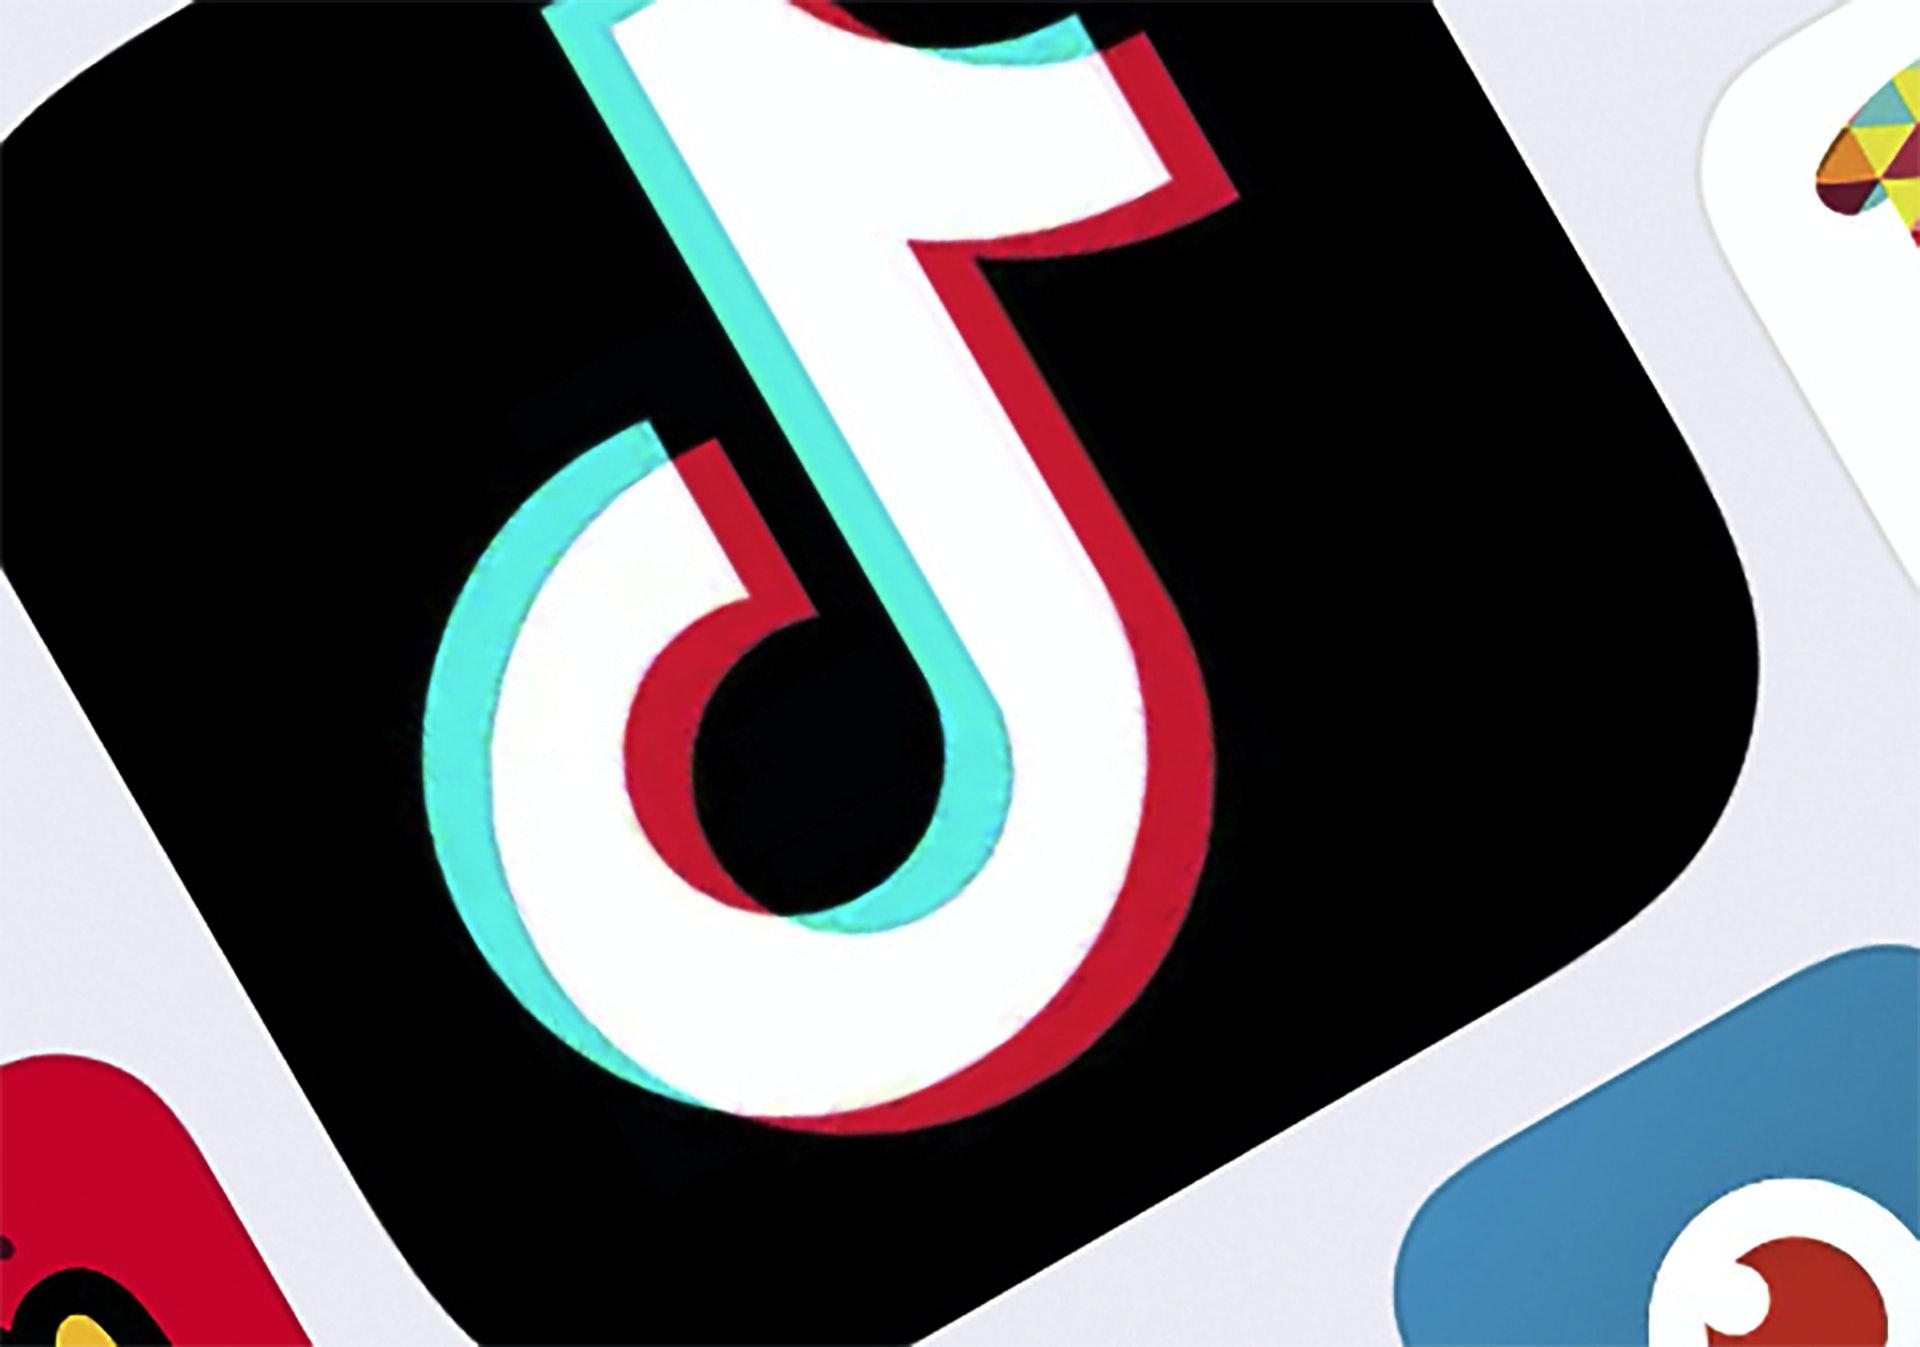 美国「封杀」TikTok:路透社2020年8月1日引述消息人士报道,TikTok母公司字节跳动同意完全剥离TikTok的美国业务。 报道称,在这新方案下,字节跳动的TikTok美国业务将由微软接手。 图为美联社2020年2月25日的图片,相中显示美国纽约的TikTok标志。 (AP)